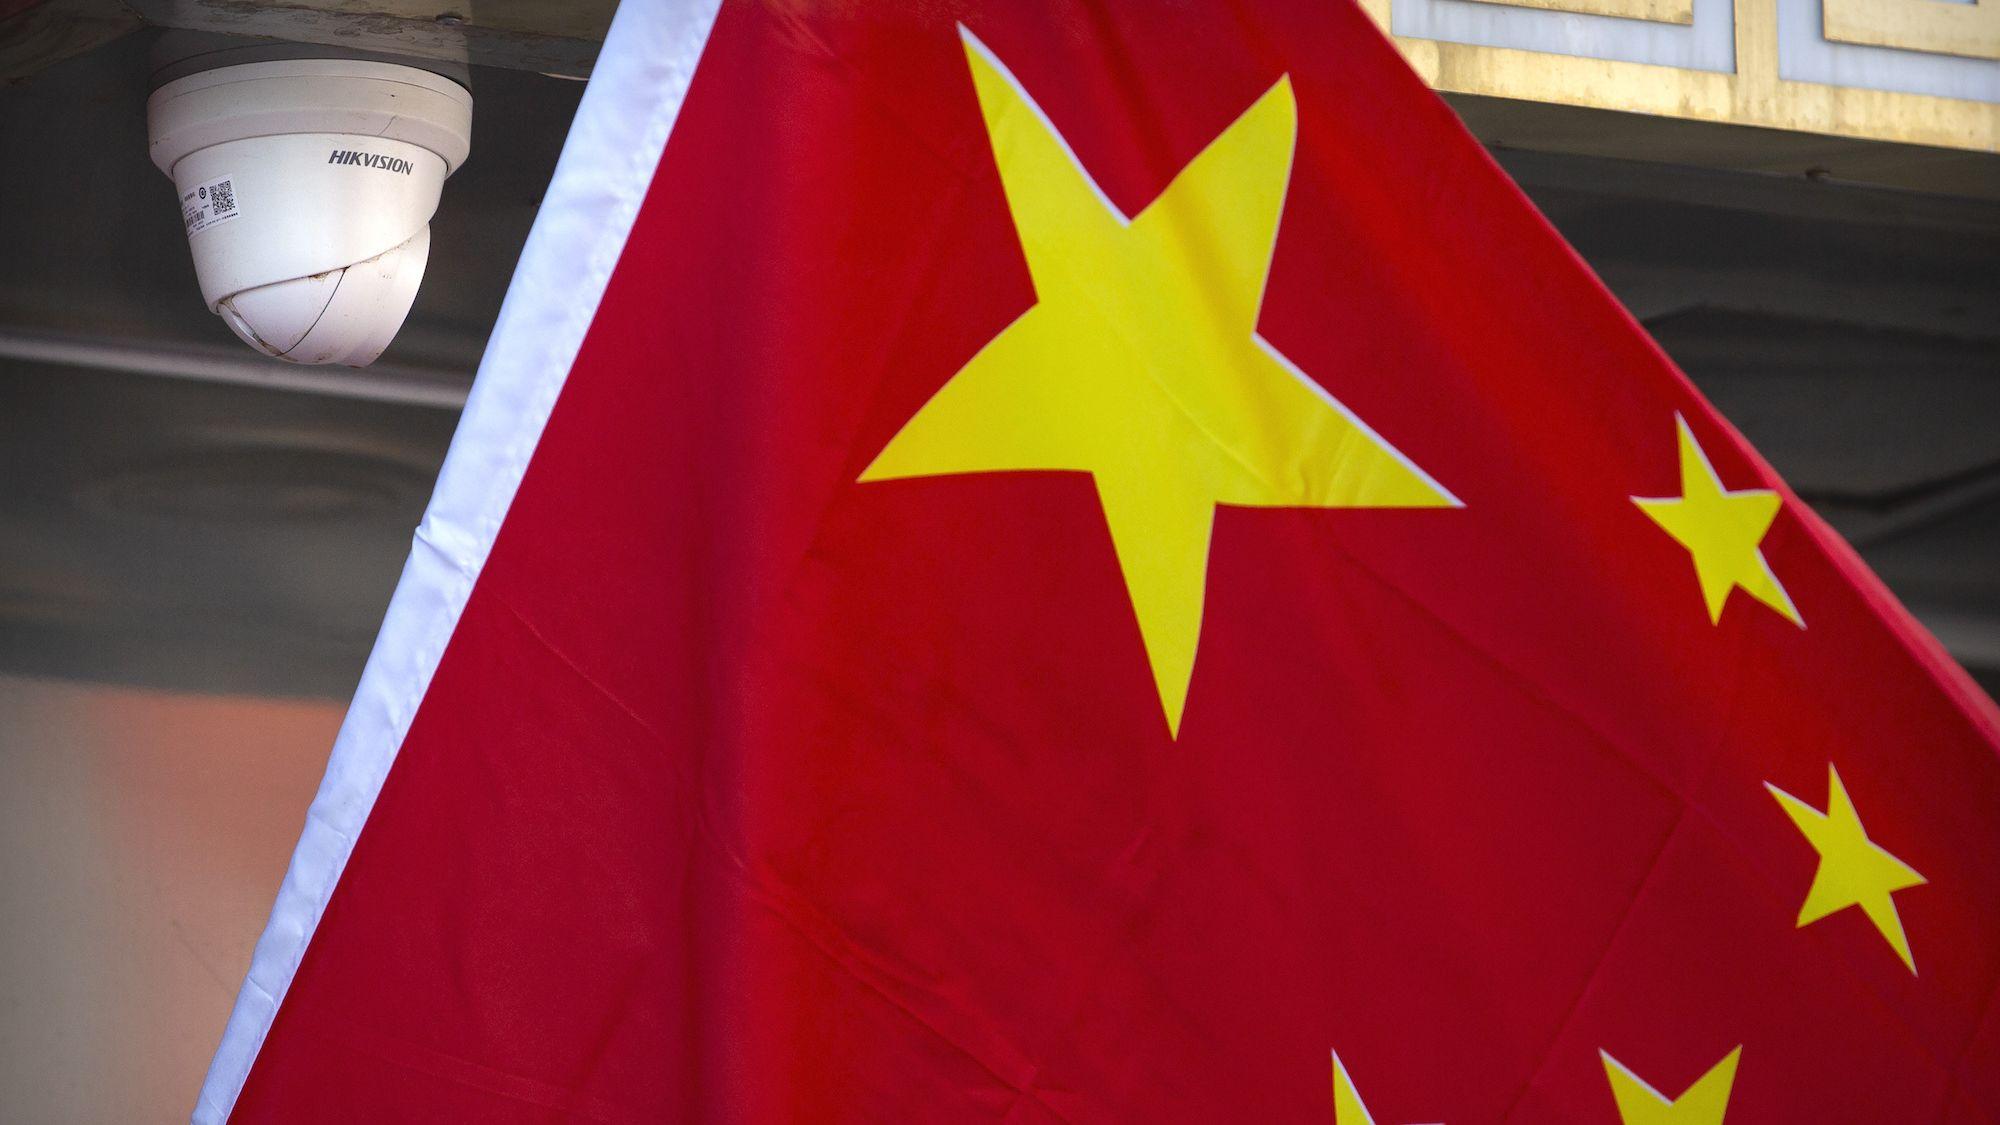 米国が中国のAI企業など28組織をブラックリストに、その影響は?